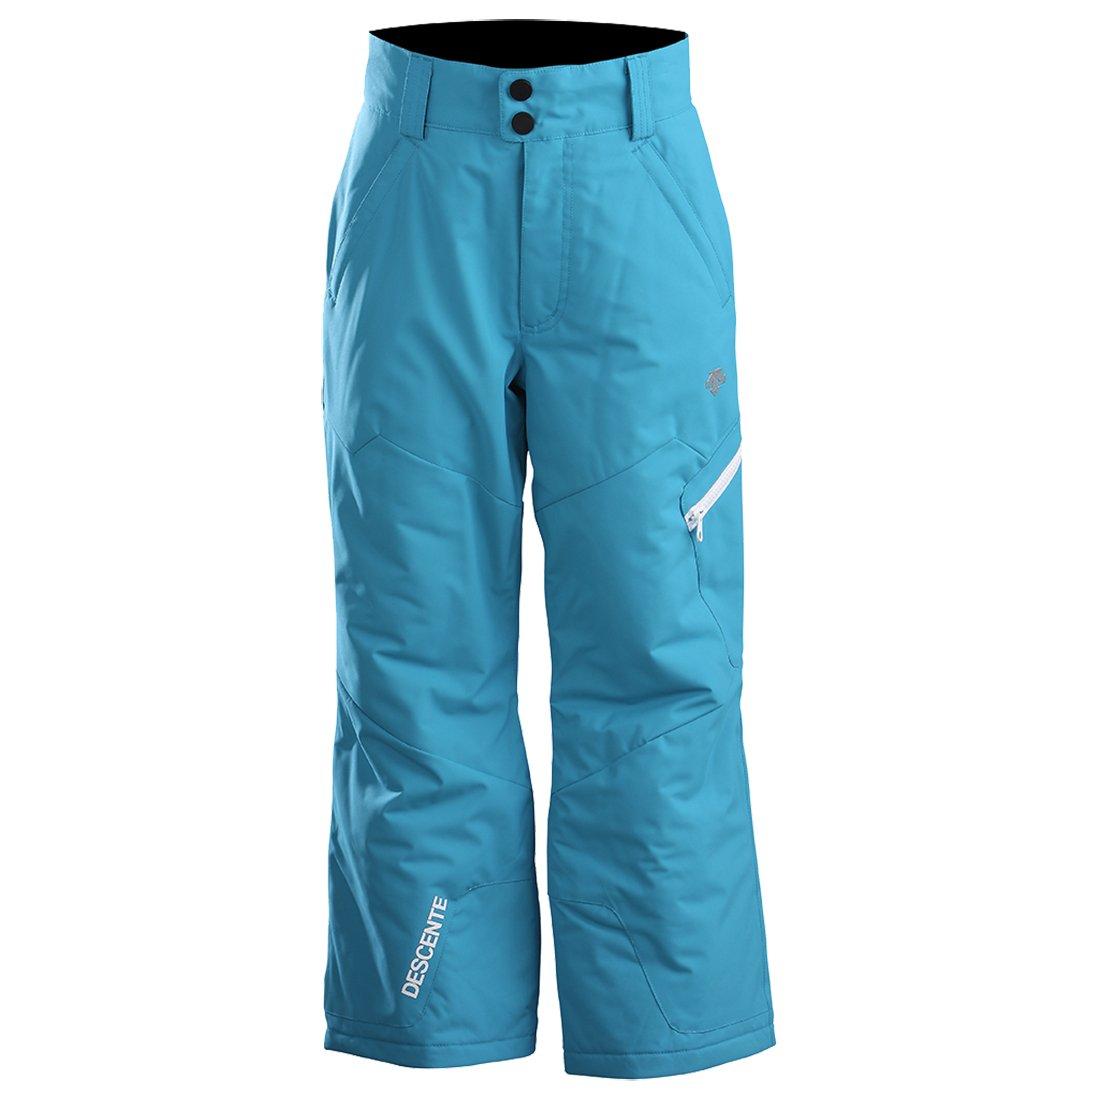 Descente Boy s Peyton Pants Teal Size J10